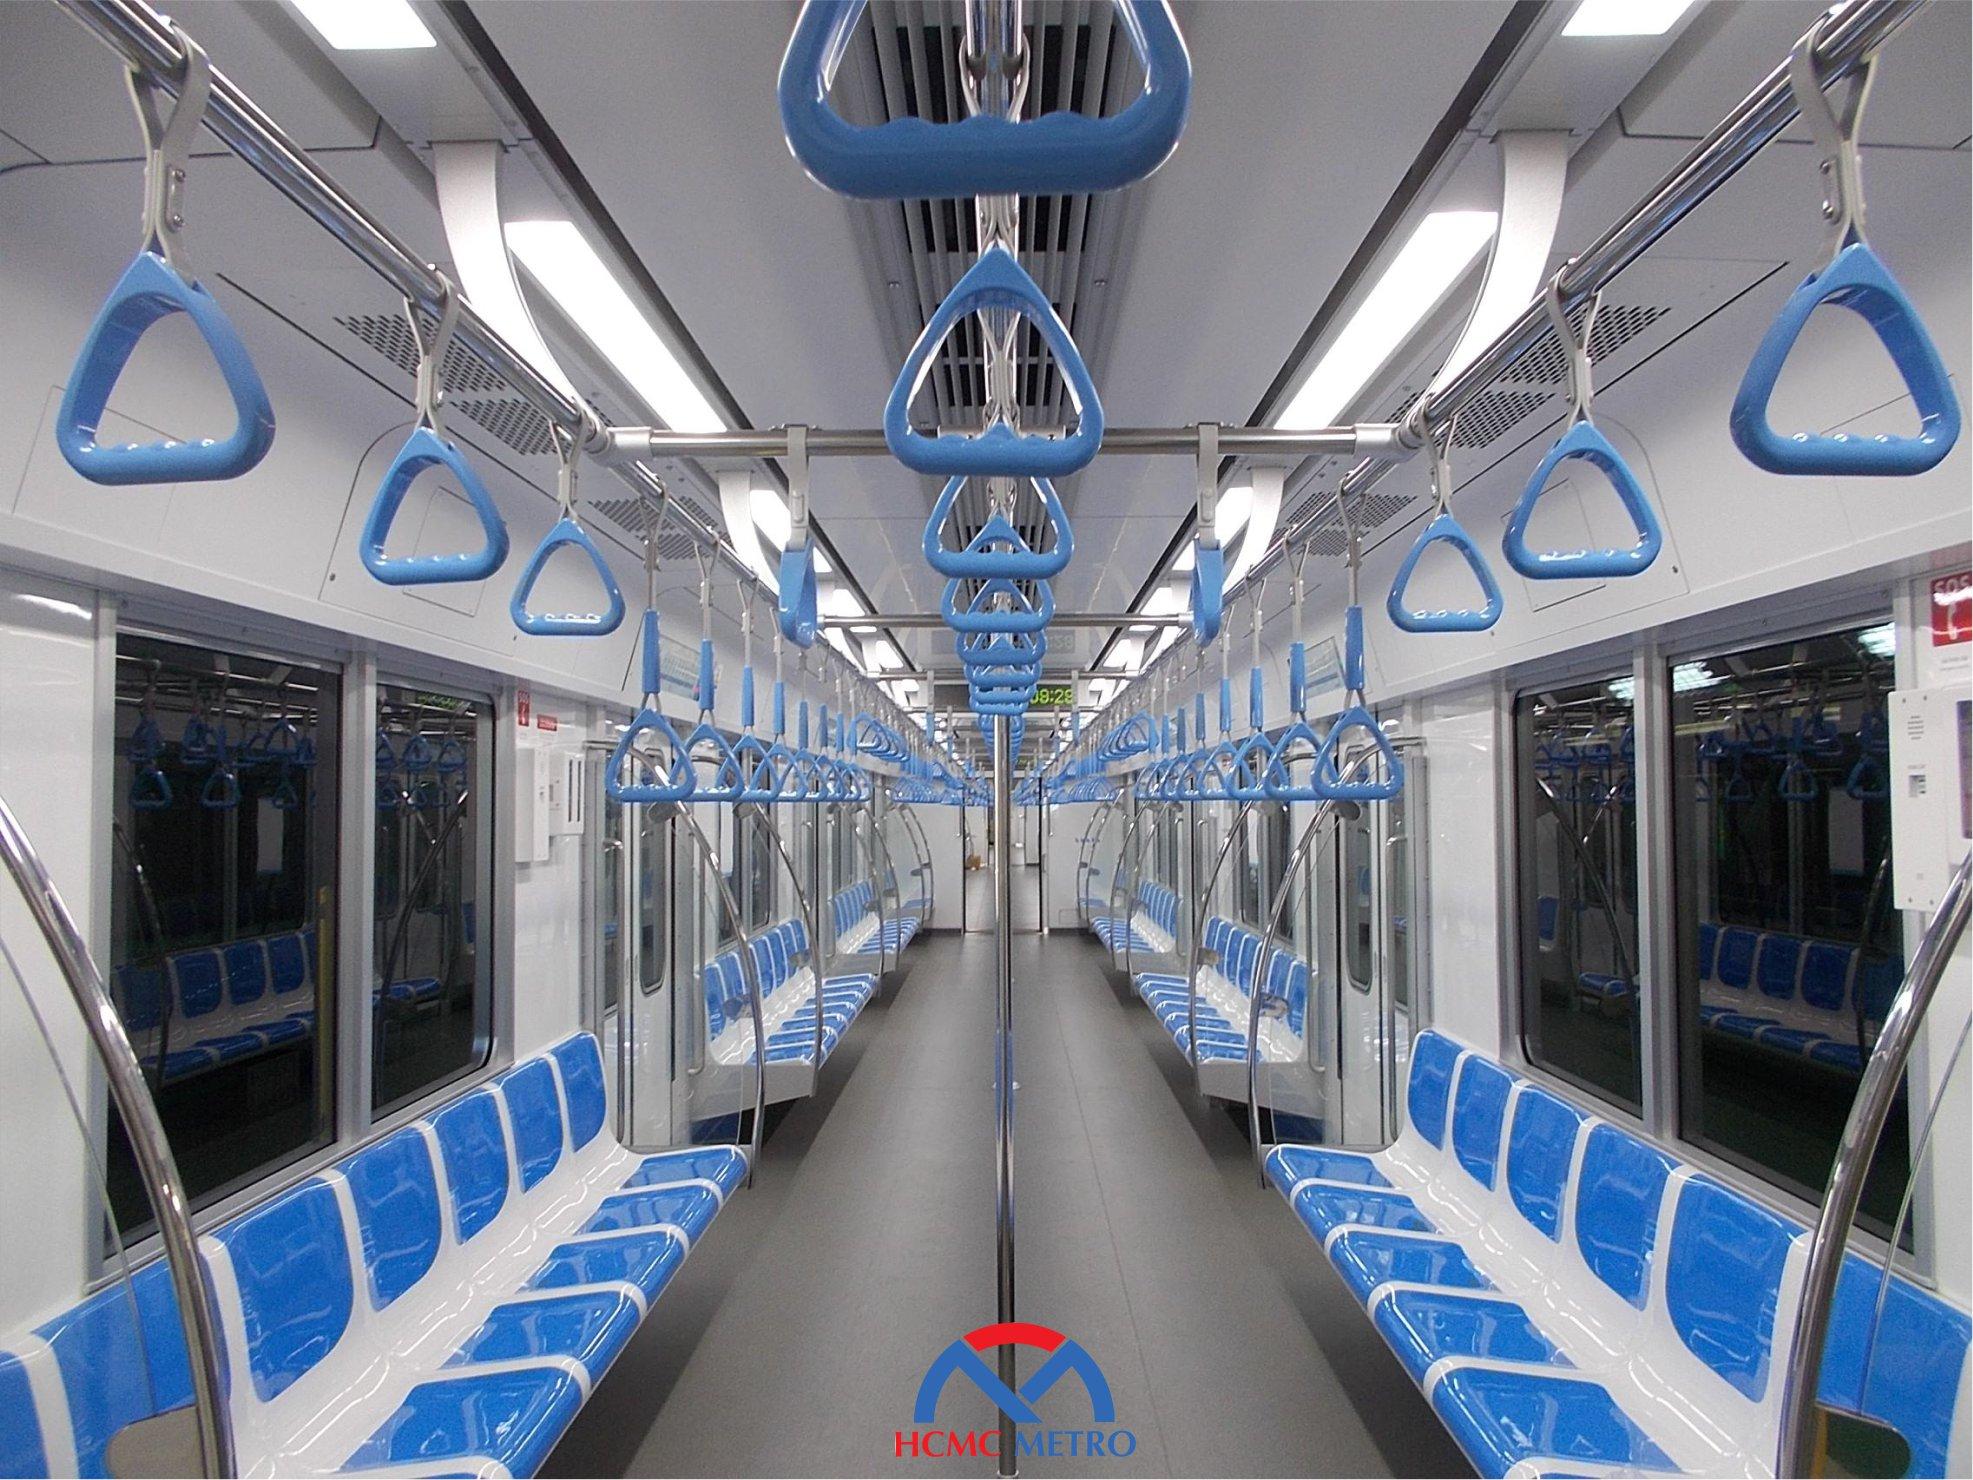 Saigon metro Hitachi